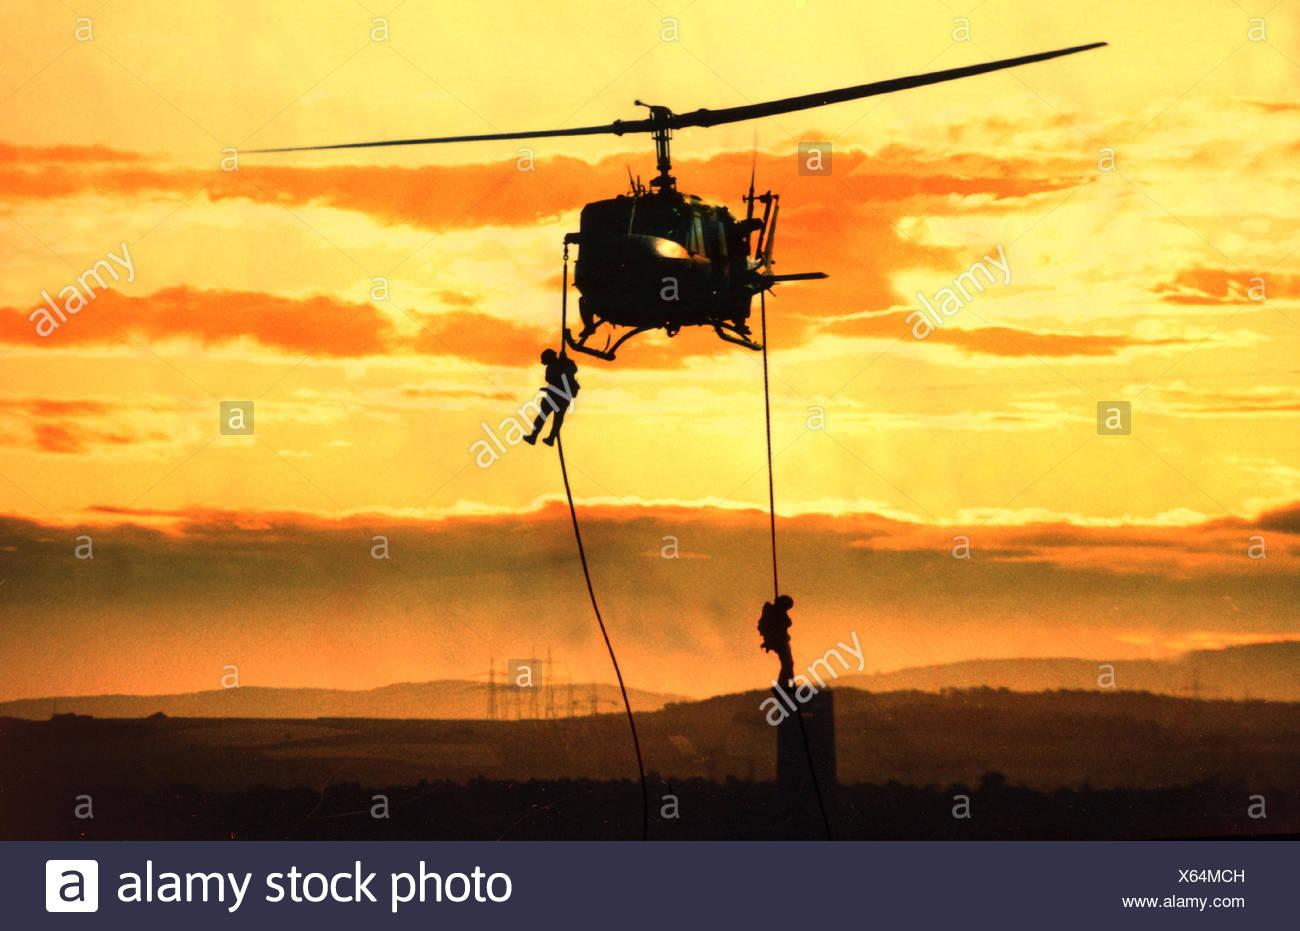 Un helicóptero militar. Helicópteros de combate, silueta, soldado, cuerda, los militares, la fuerza de tarea, luchar contra la entrada, prácticas militares, la operación militar, en la práctica, HELICÓPTERO, HELICÓPTERO, aclaración helicóptero, el helicóptero de ataque, Filtro espectral amarillo Imagen De Stock